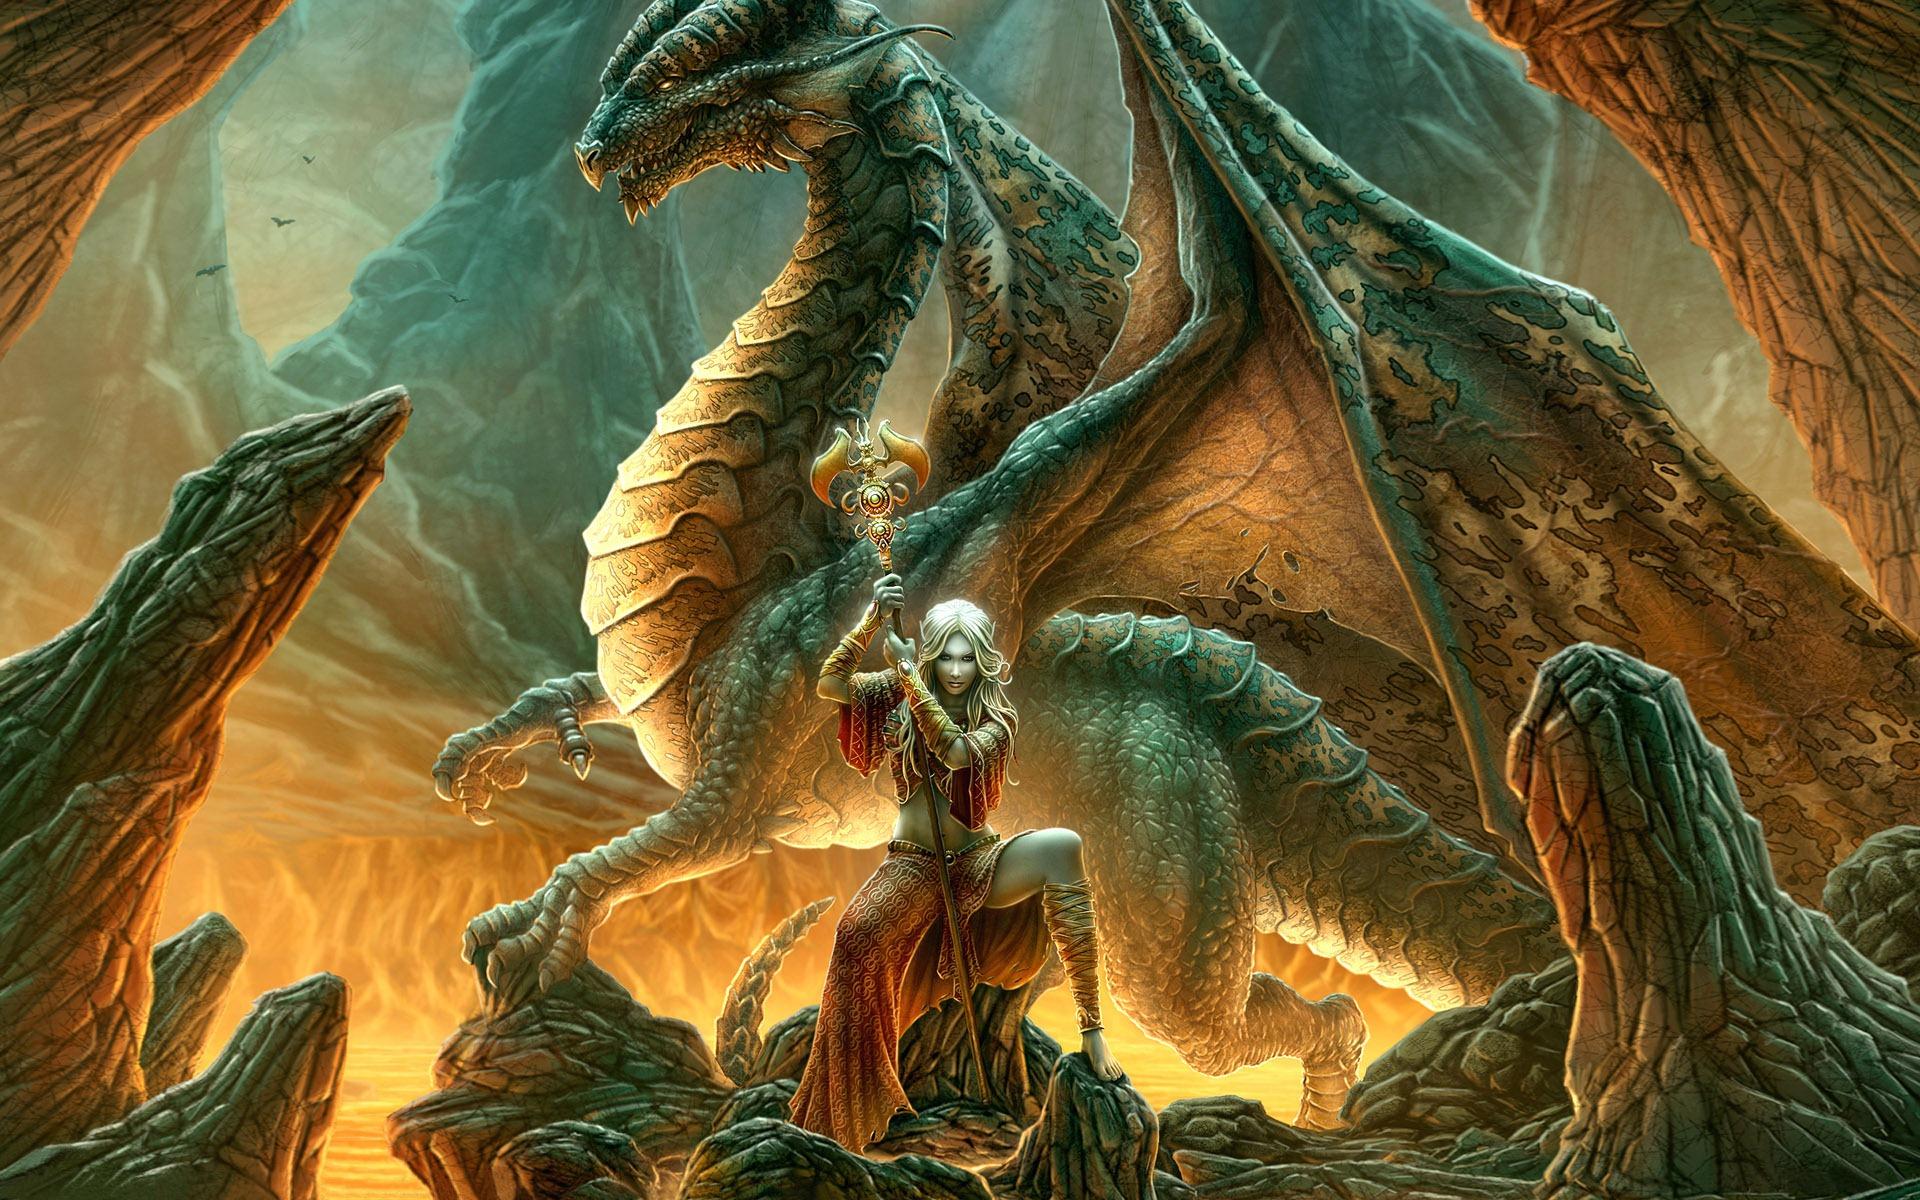 1080p Wallpaper Dragon wallpaper 1080p Wallpaper Dragon hd wallpaper 1920x1200